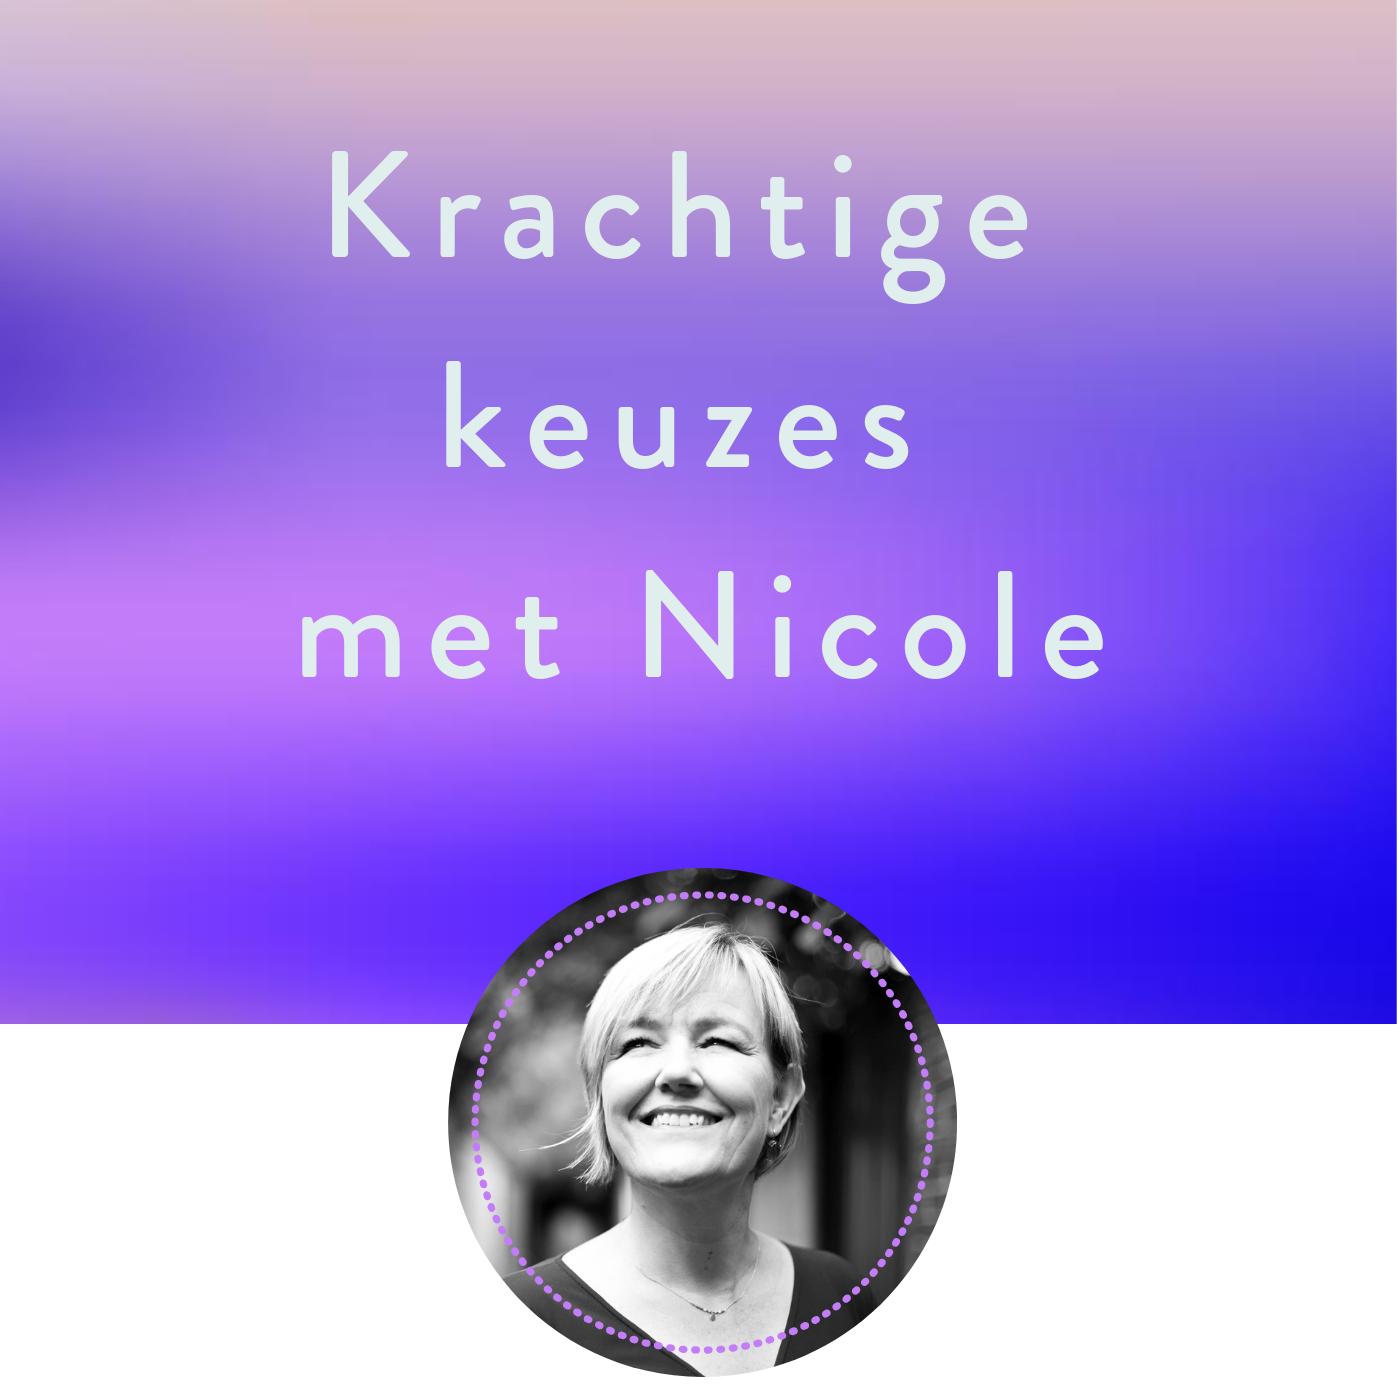 Krachtige keuzes met Nicole logo